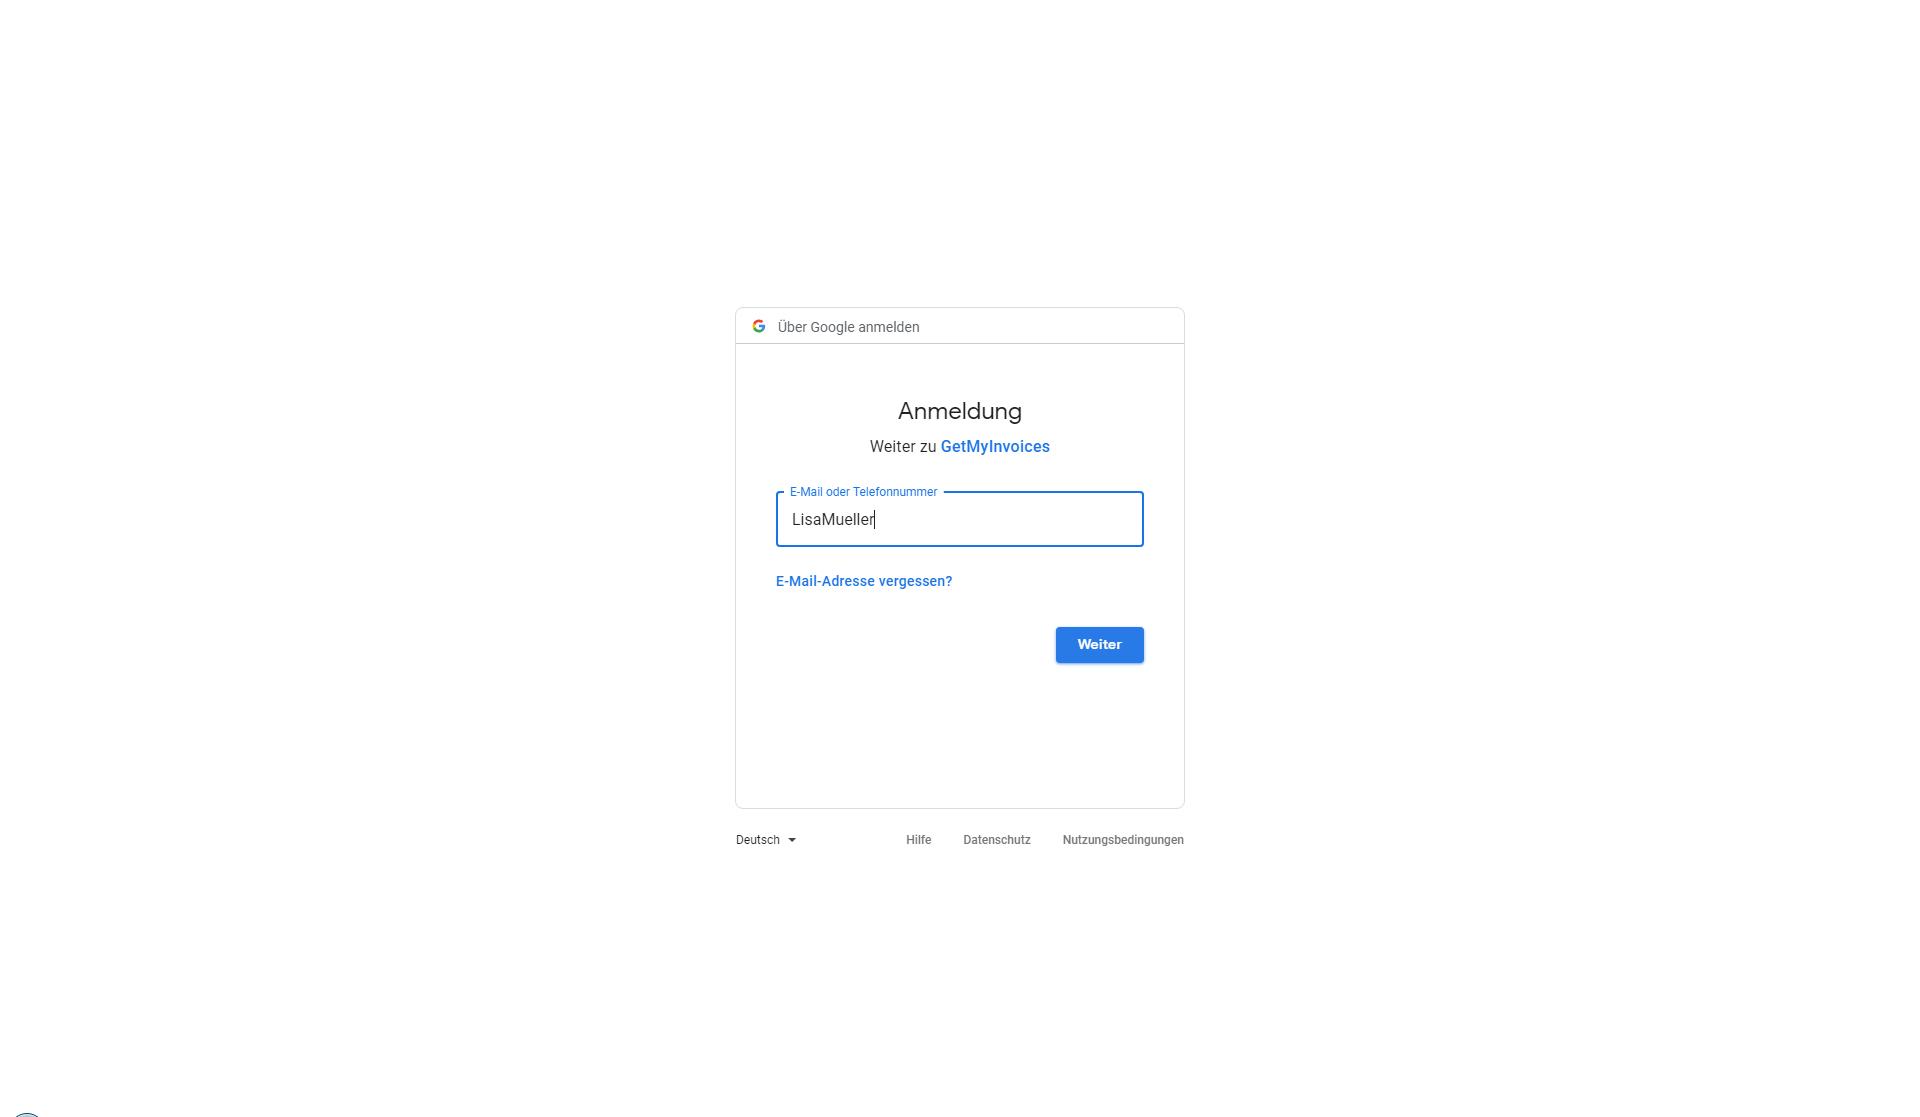 2. Dokumentenimport: Verknüpfung zu Google Drive erstellen